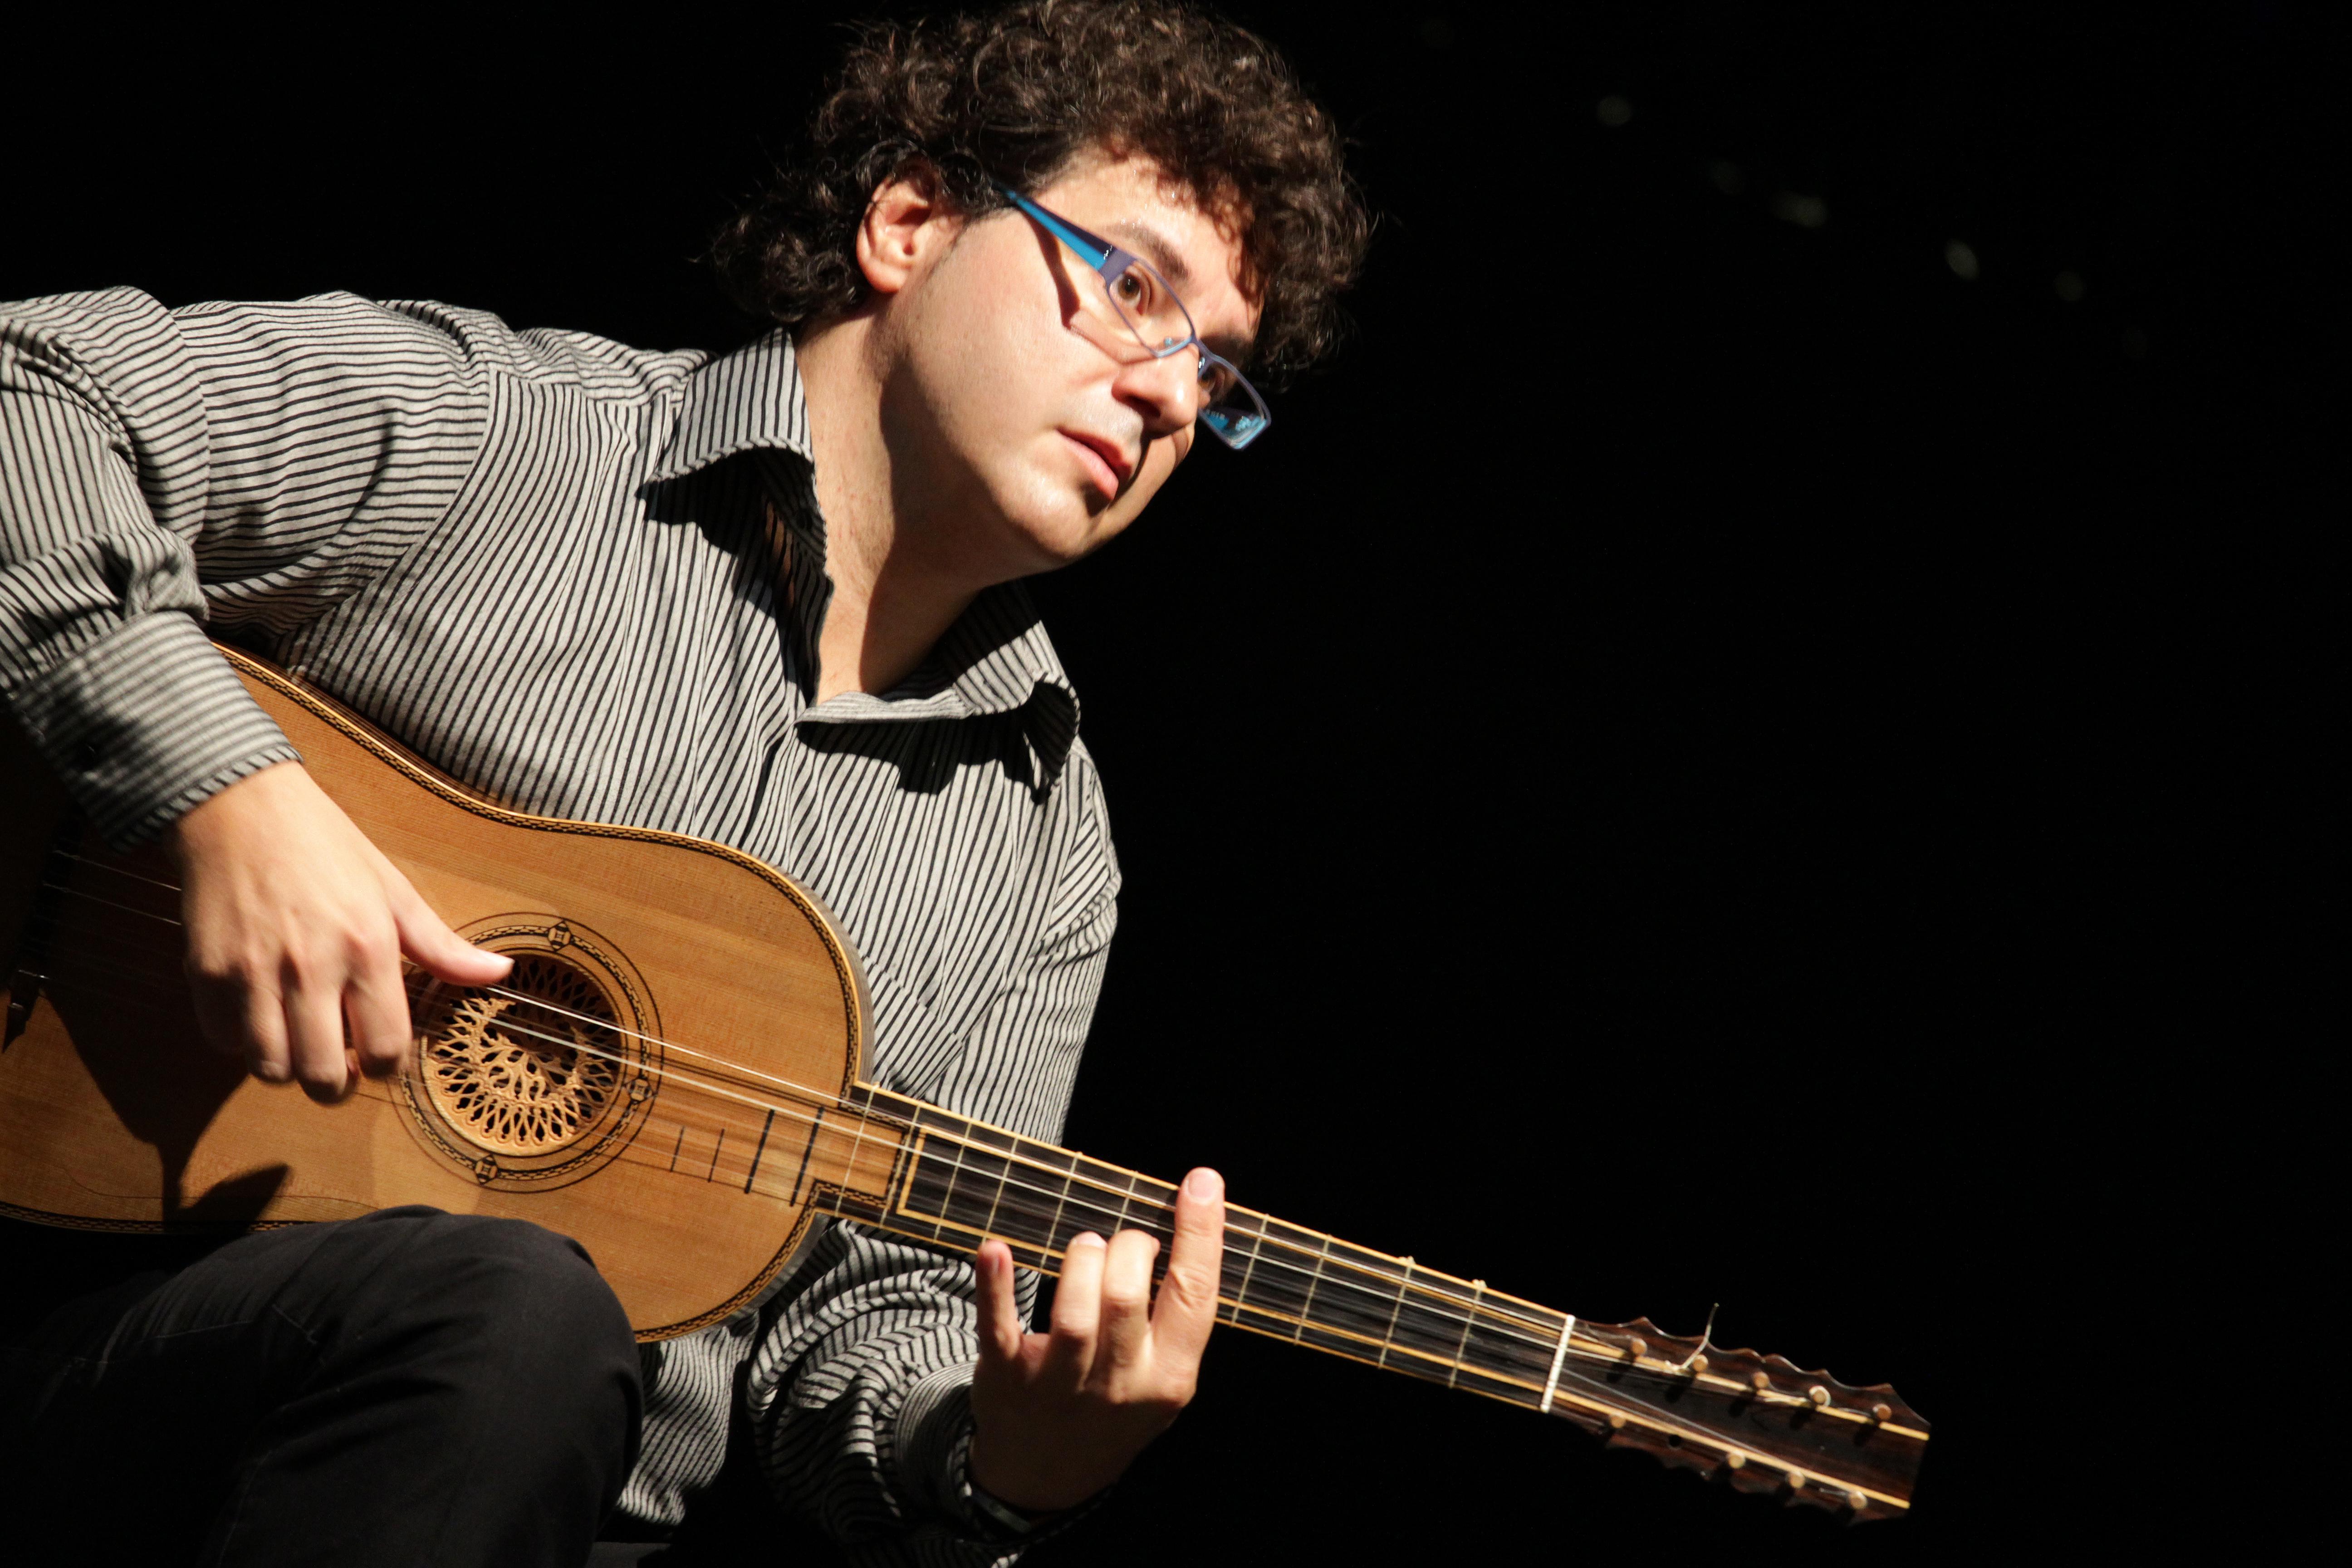 Rafael Bonavita